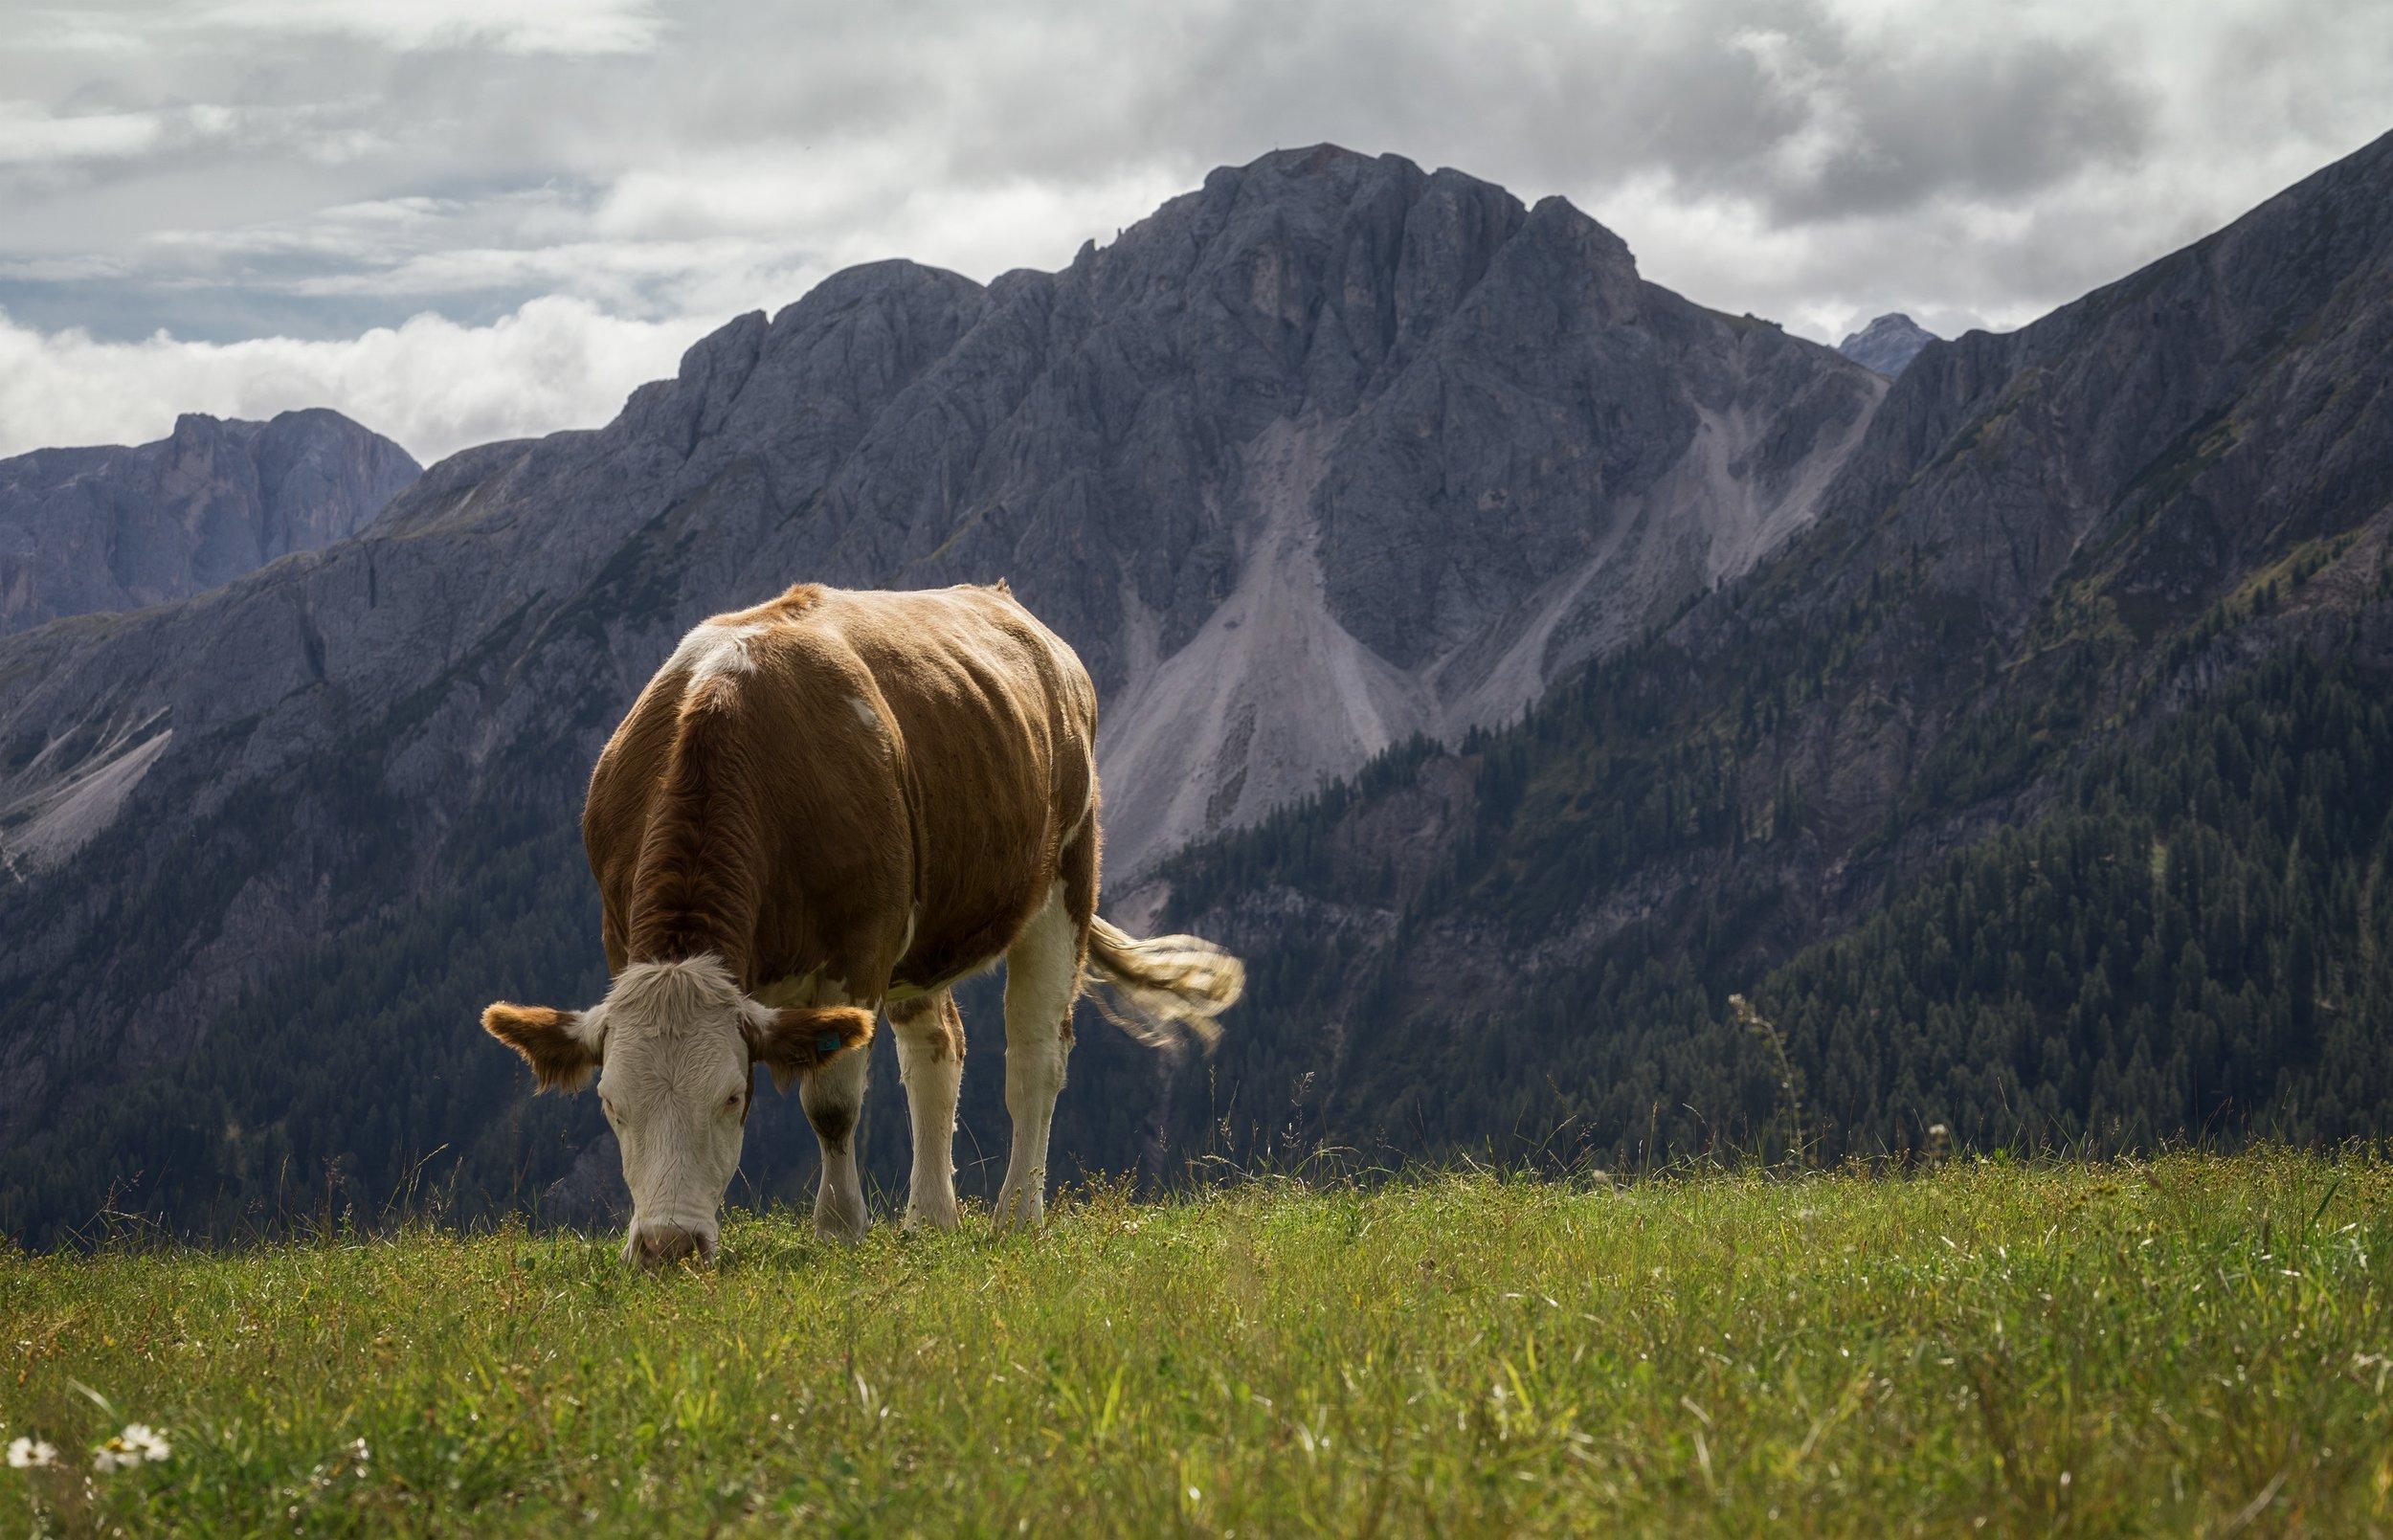 animal-cattle-cool-wallpaper-1390200.jpg